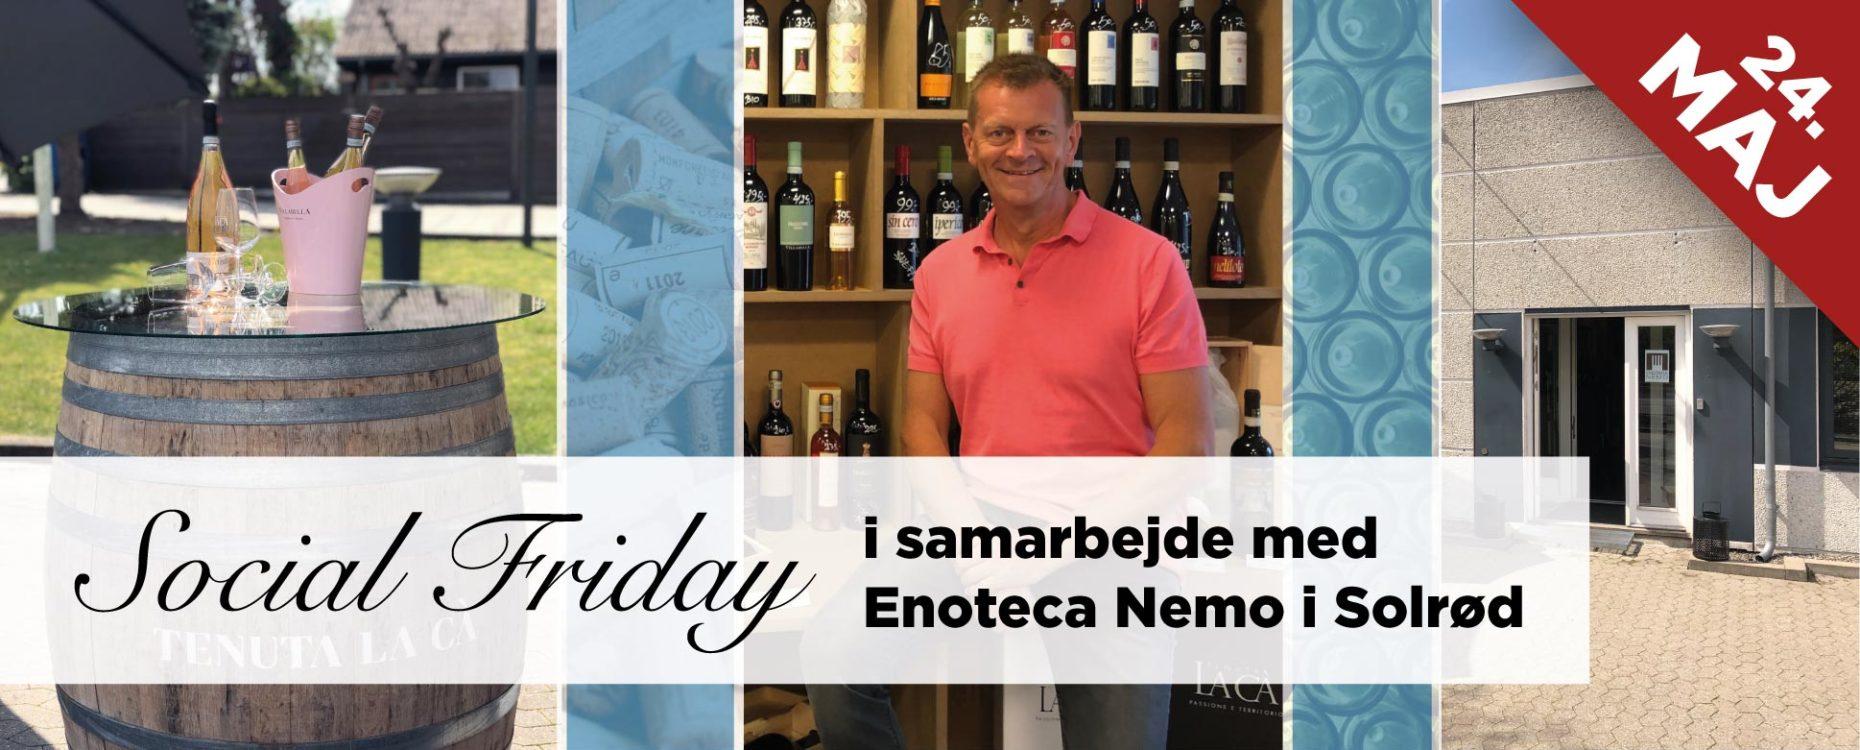 Information om Social Friday hos Social Selling Company i samarbejde med Enoteca Nemo i Solrød